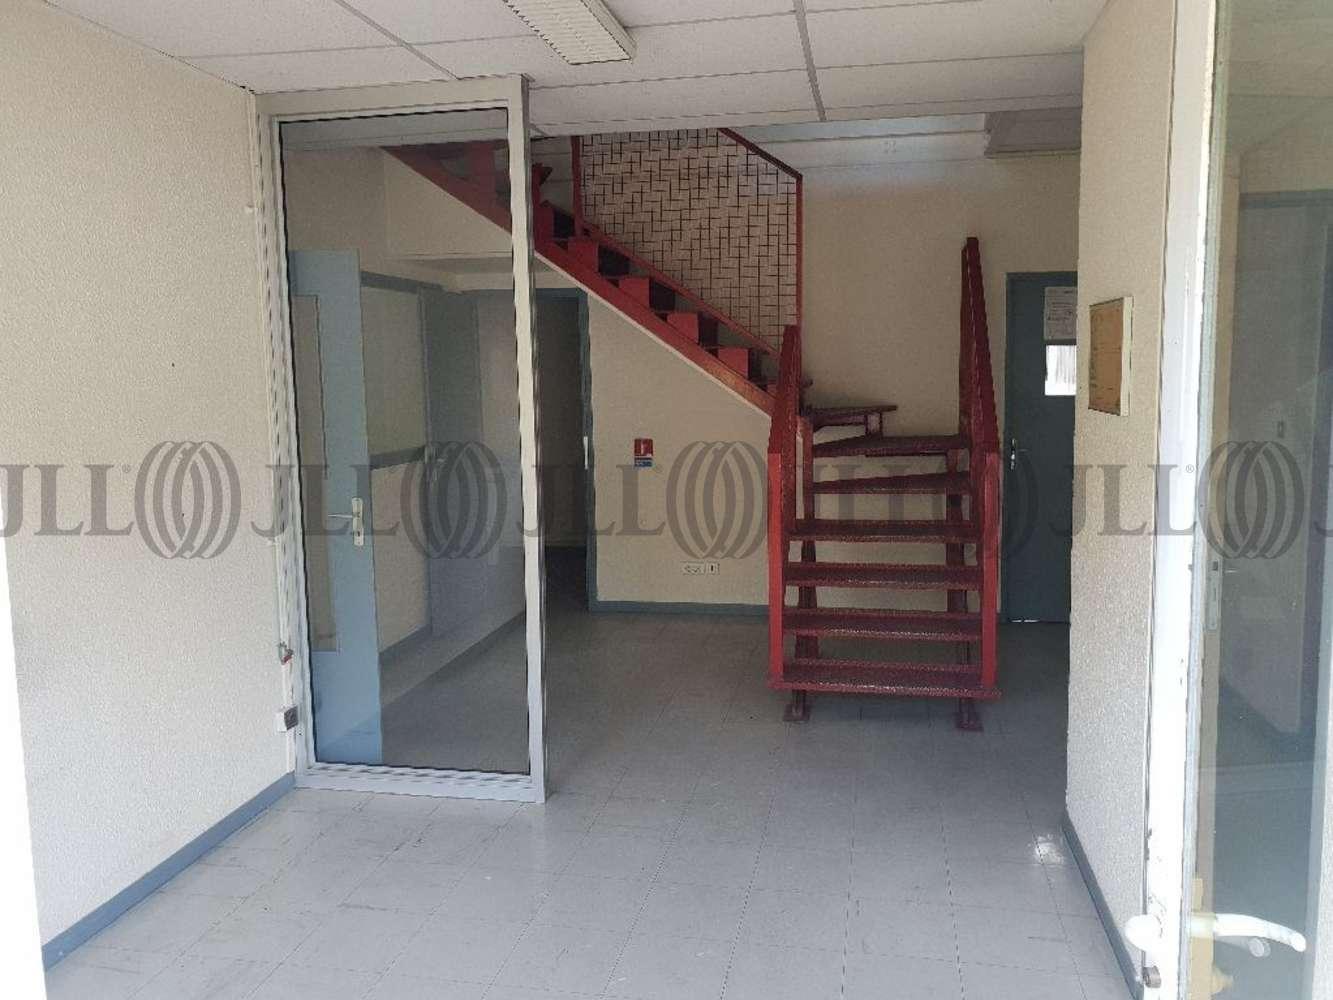 Activités/entrepôt Feyzin, 69320 - LOCATION ENTREPOT FEYZIN - LYON SUD (69) - 9773400